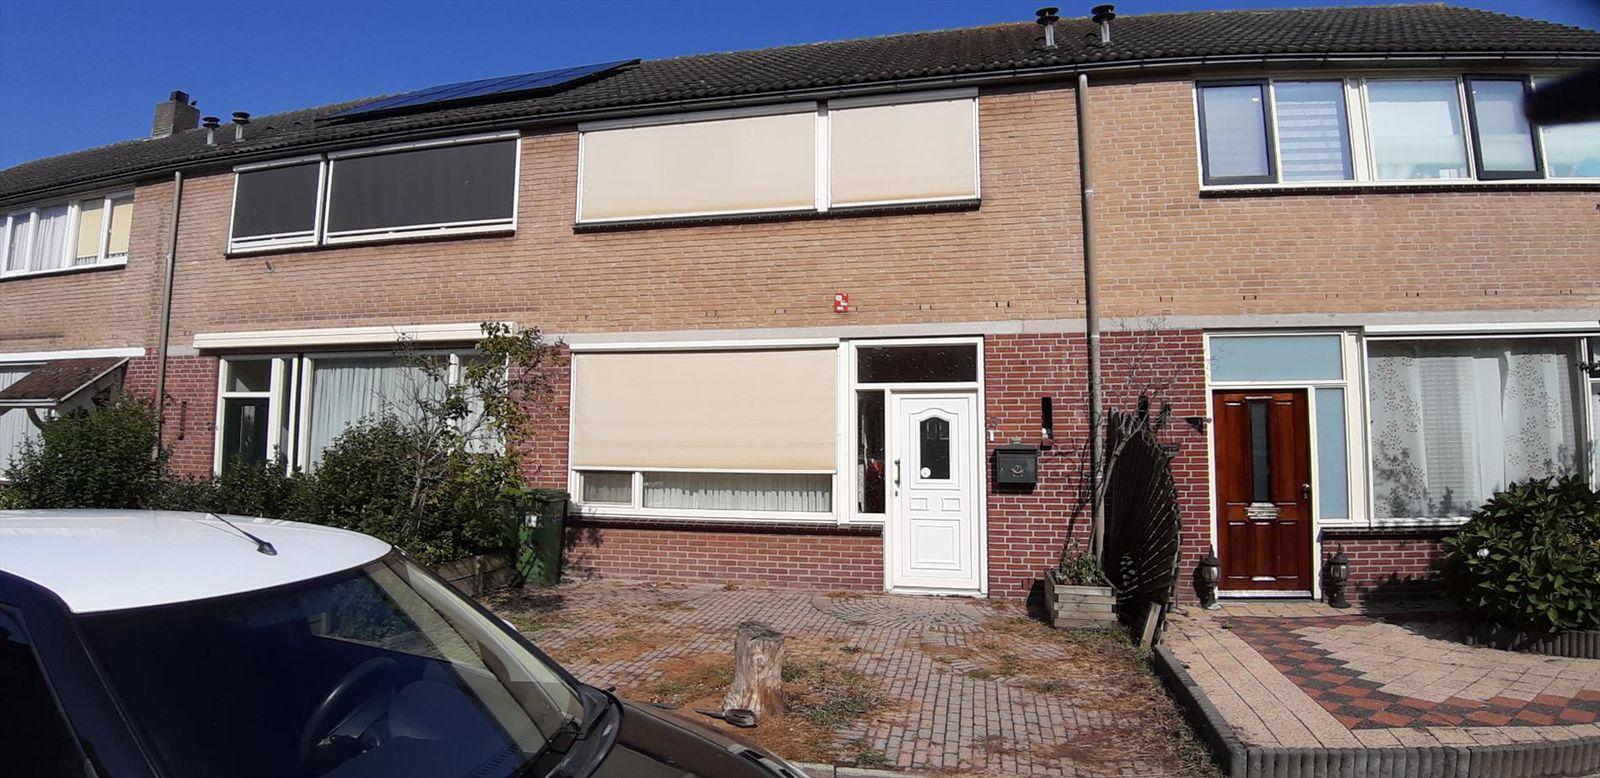 Smirnoffstraat 3, 's-Hertogenbosch